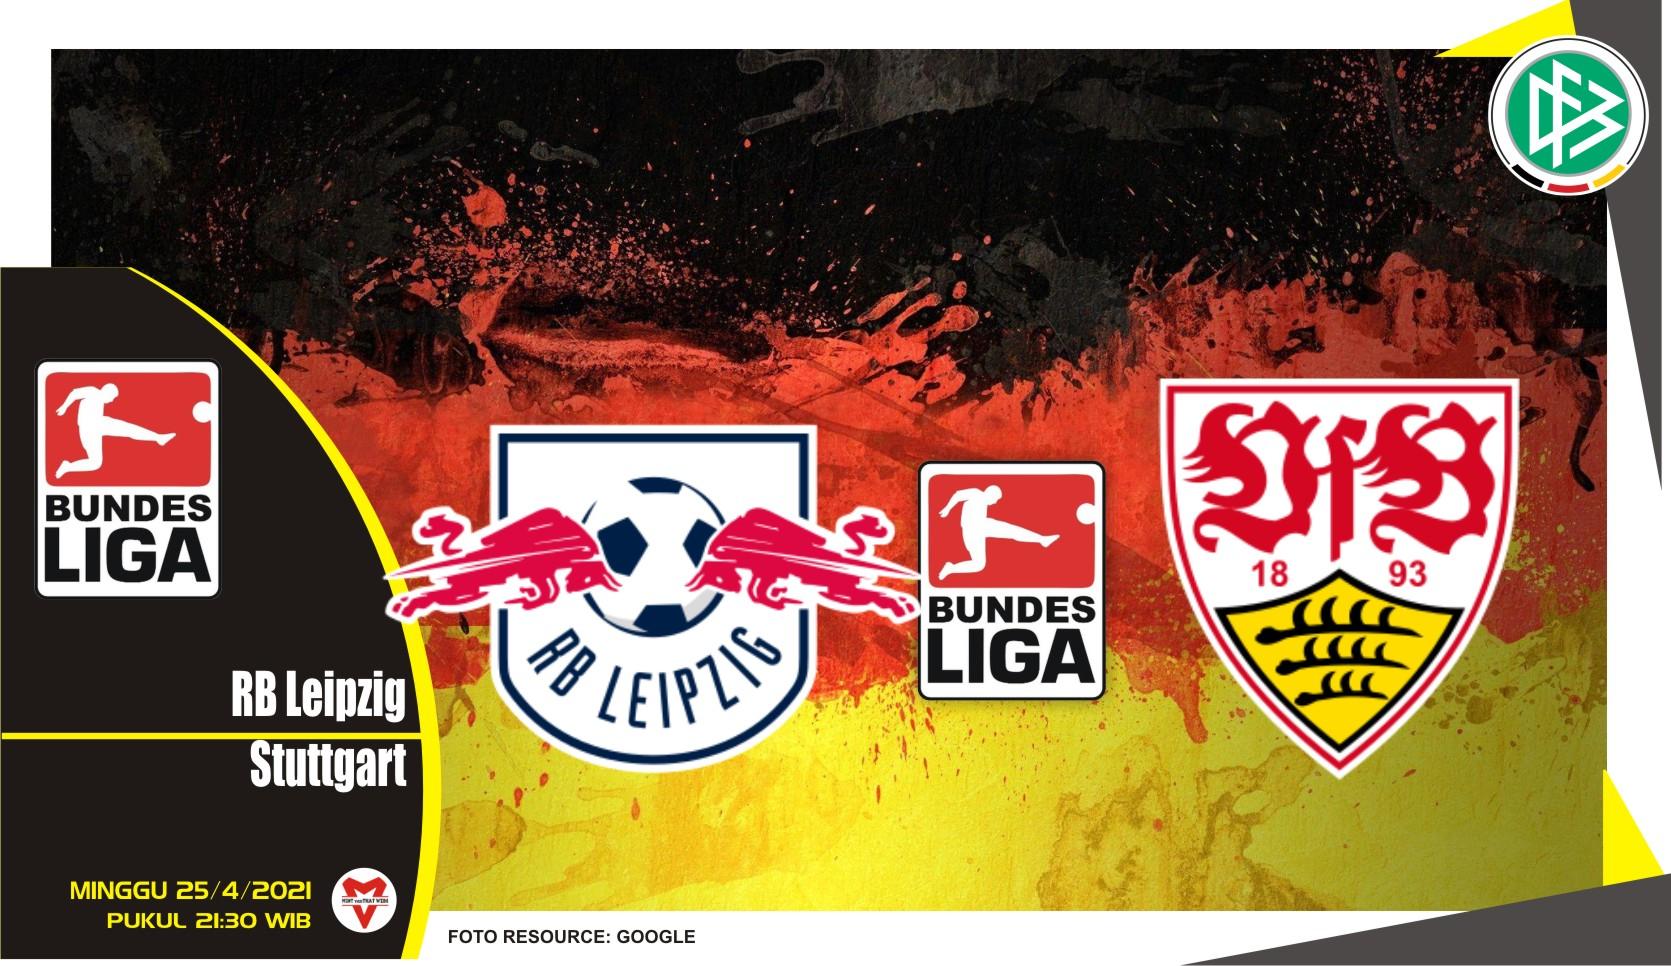 Prediksi Liga Jerman: RB Leipzig vs Stuttgart - 25 April 2021